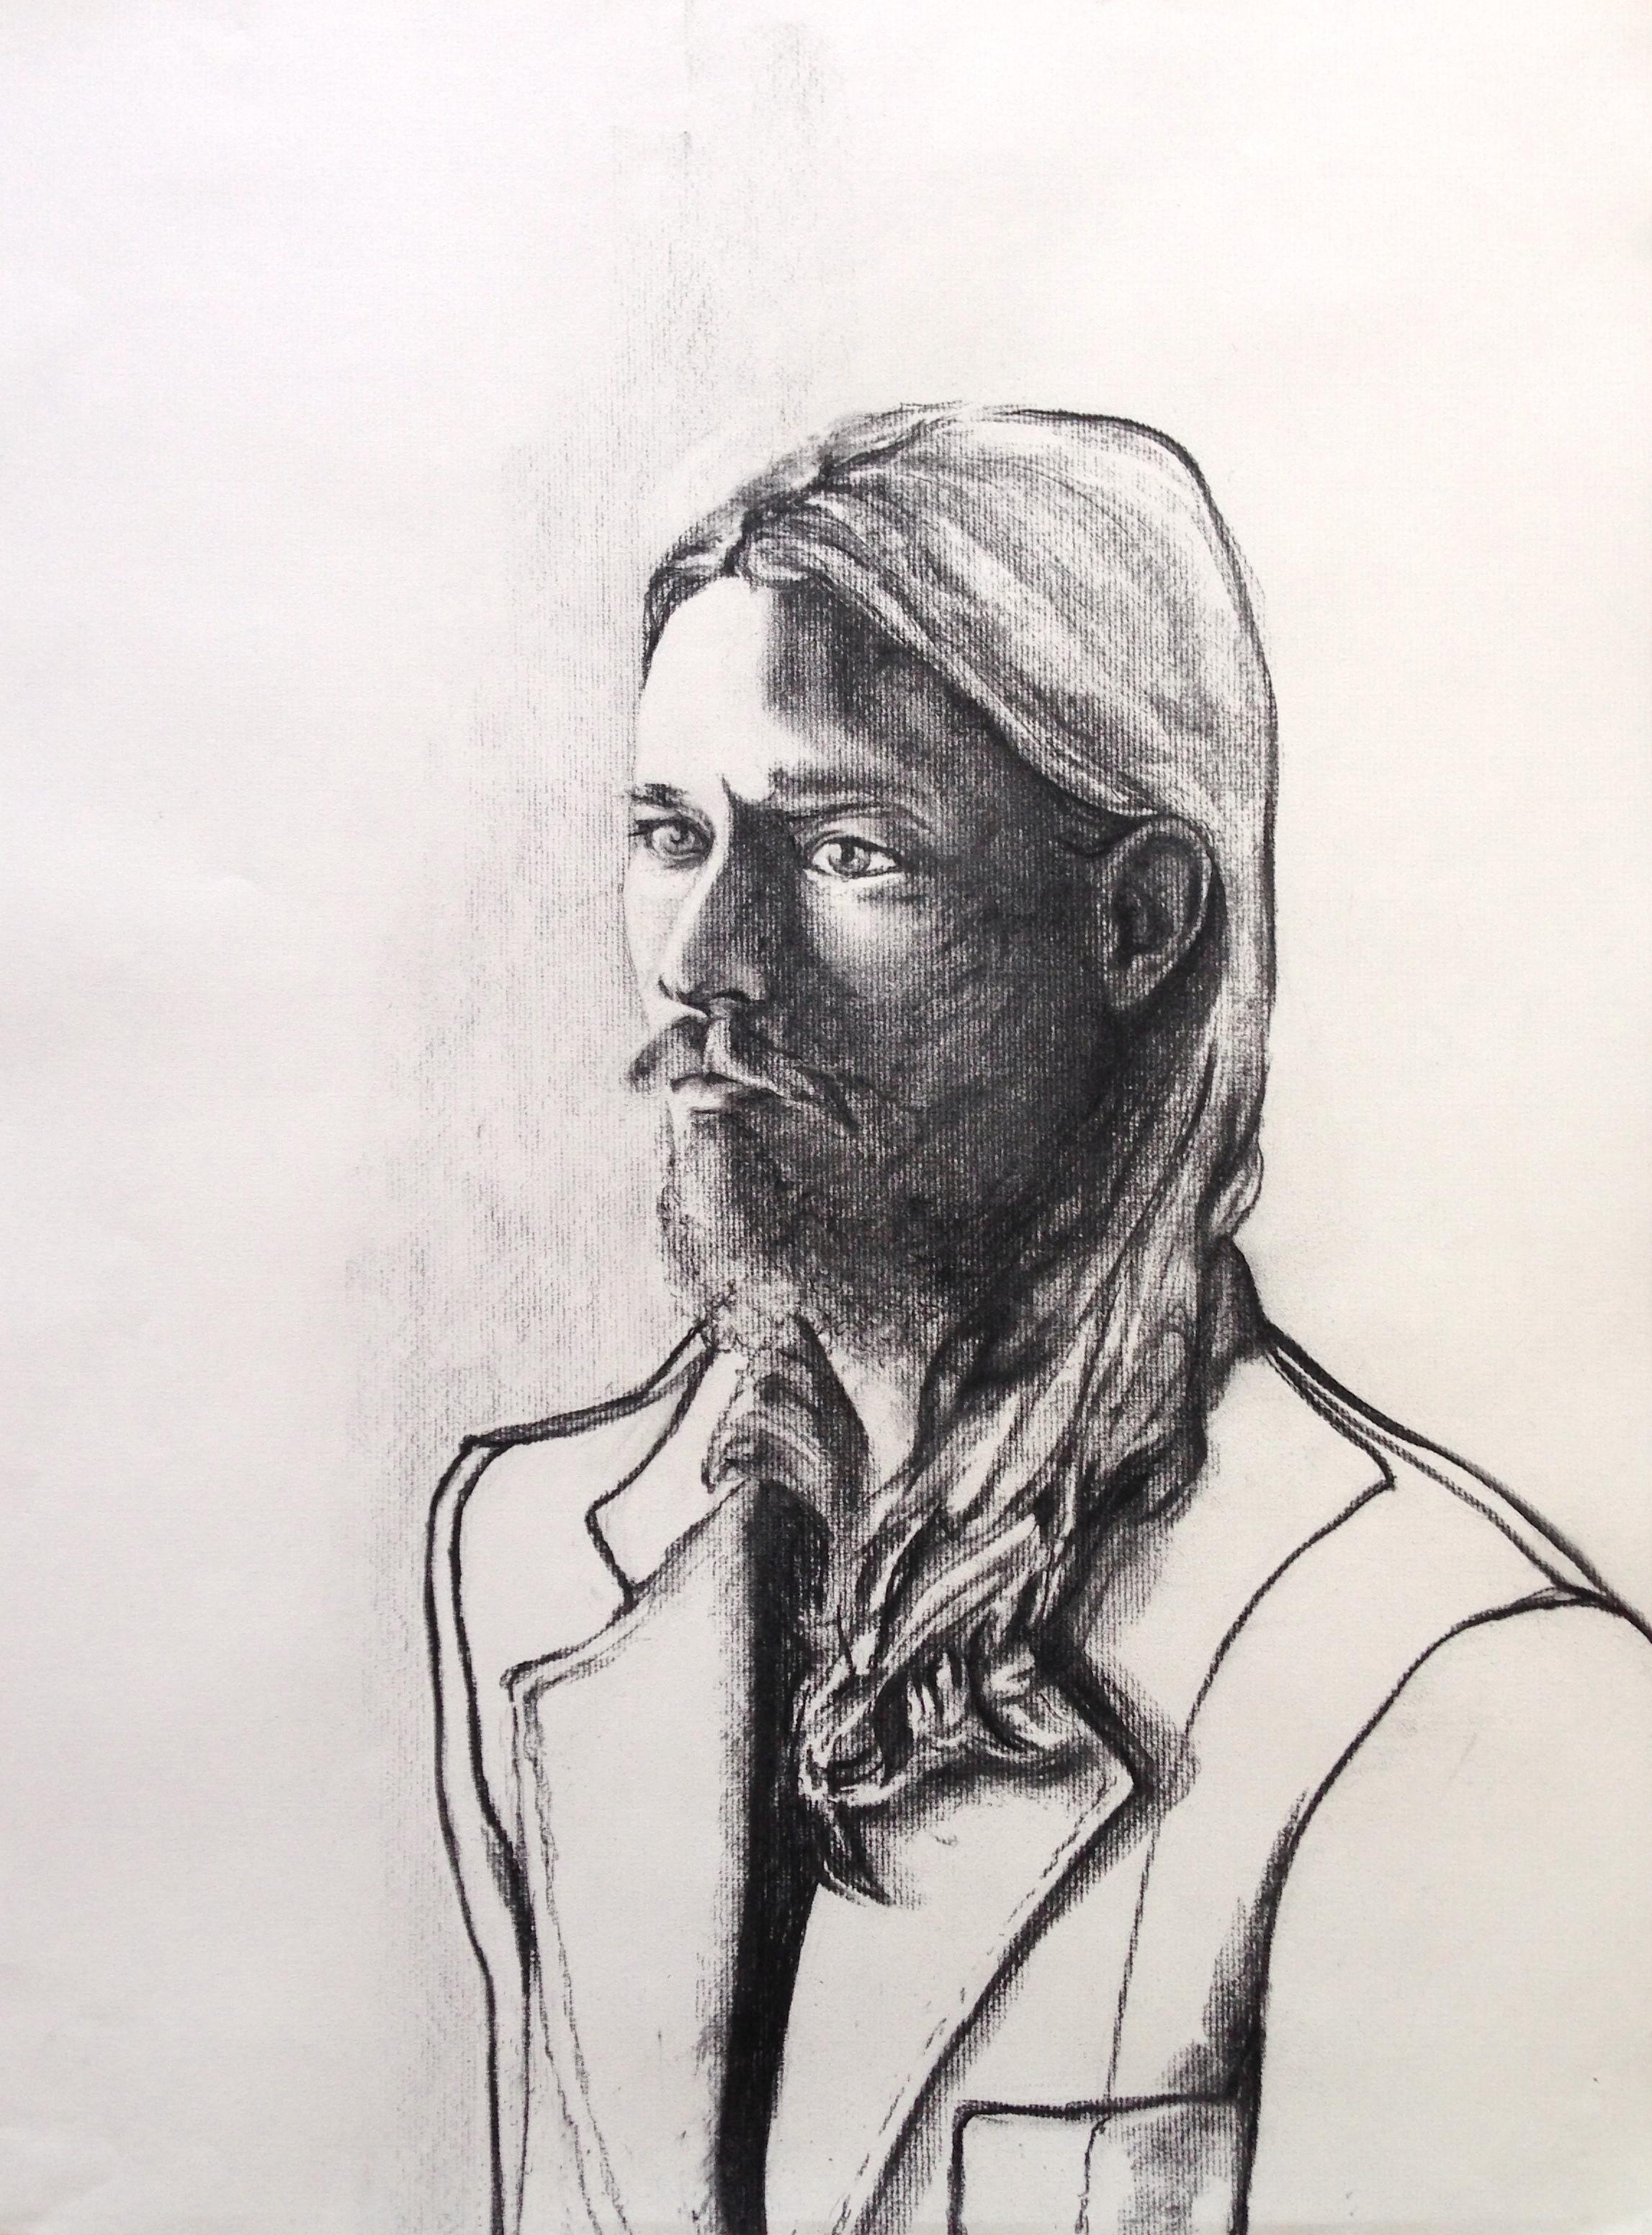 Portrait with a Suit